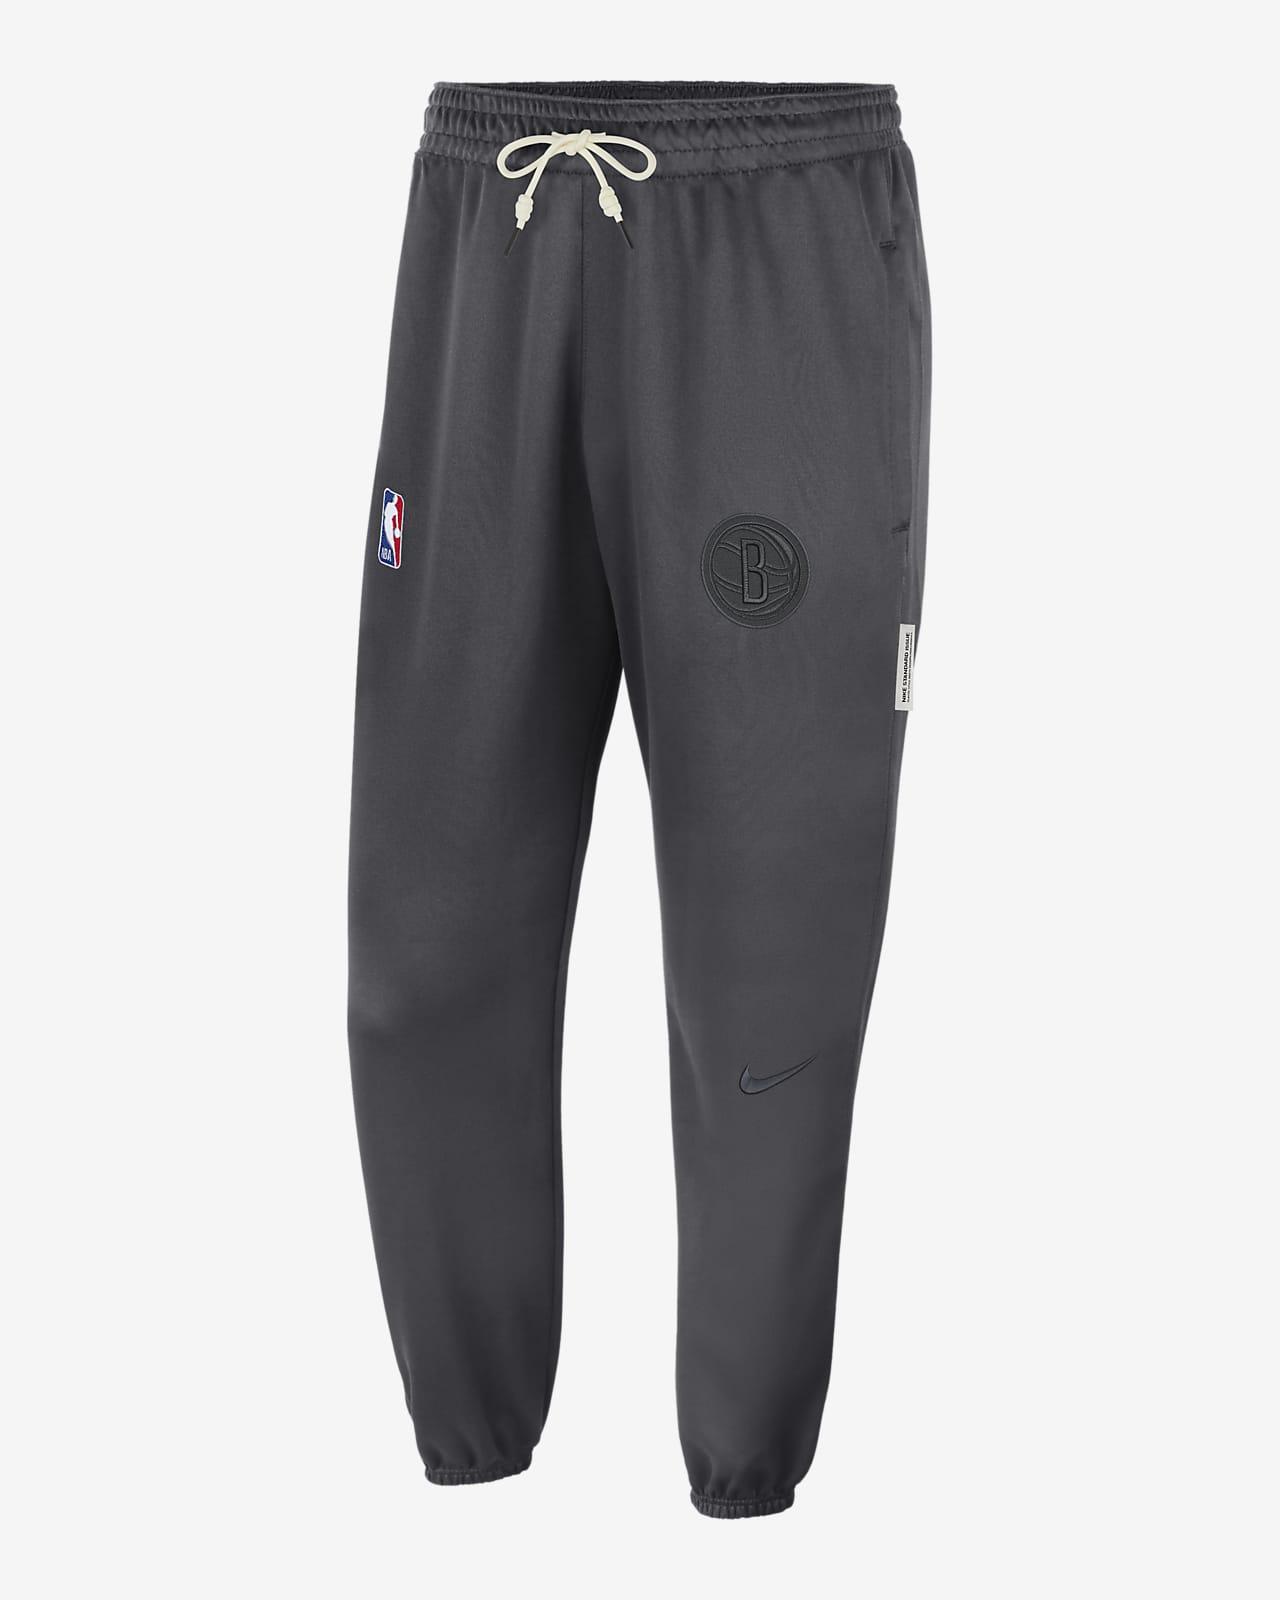 Brooklyn Nets Standard Issue Men's Nike Dri-FIT NBA Trousers